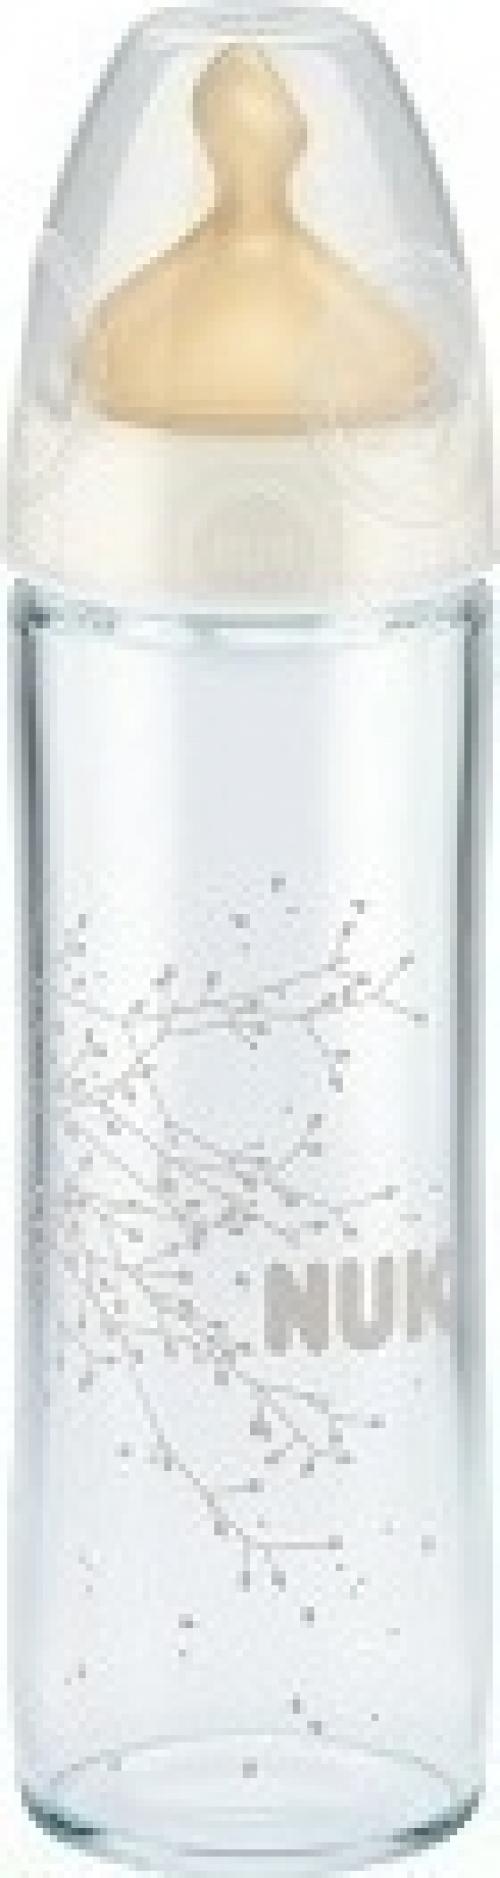 Nuk Classic Γυάλινο Μπιμπερό με Θηλή Καουτσούκ Λευκό 0-6m 240ml